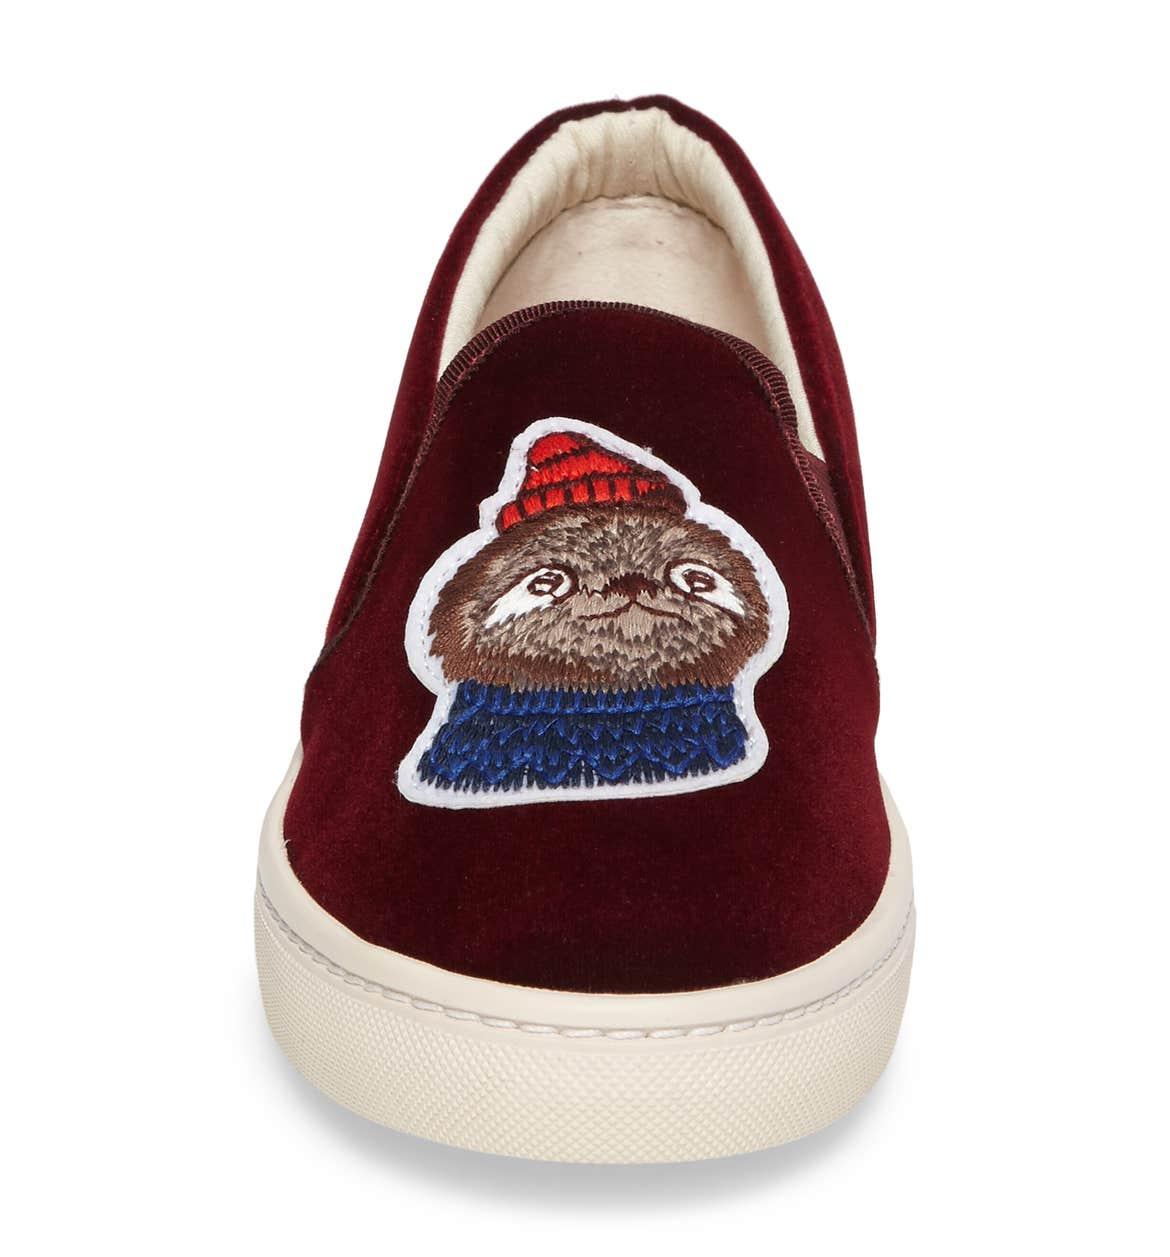 Cute sloth sneaker